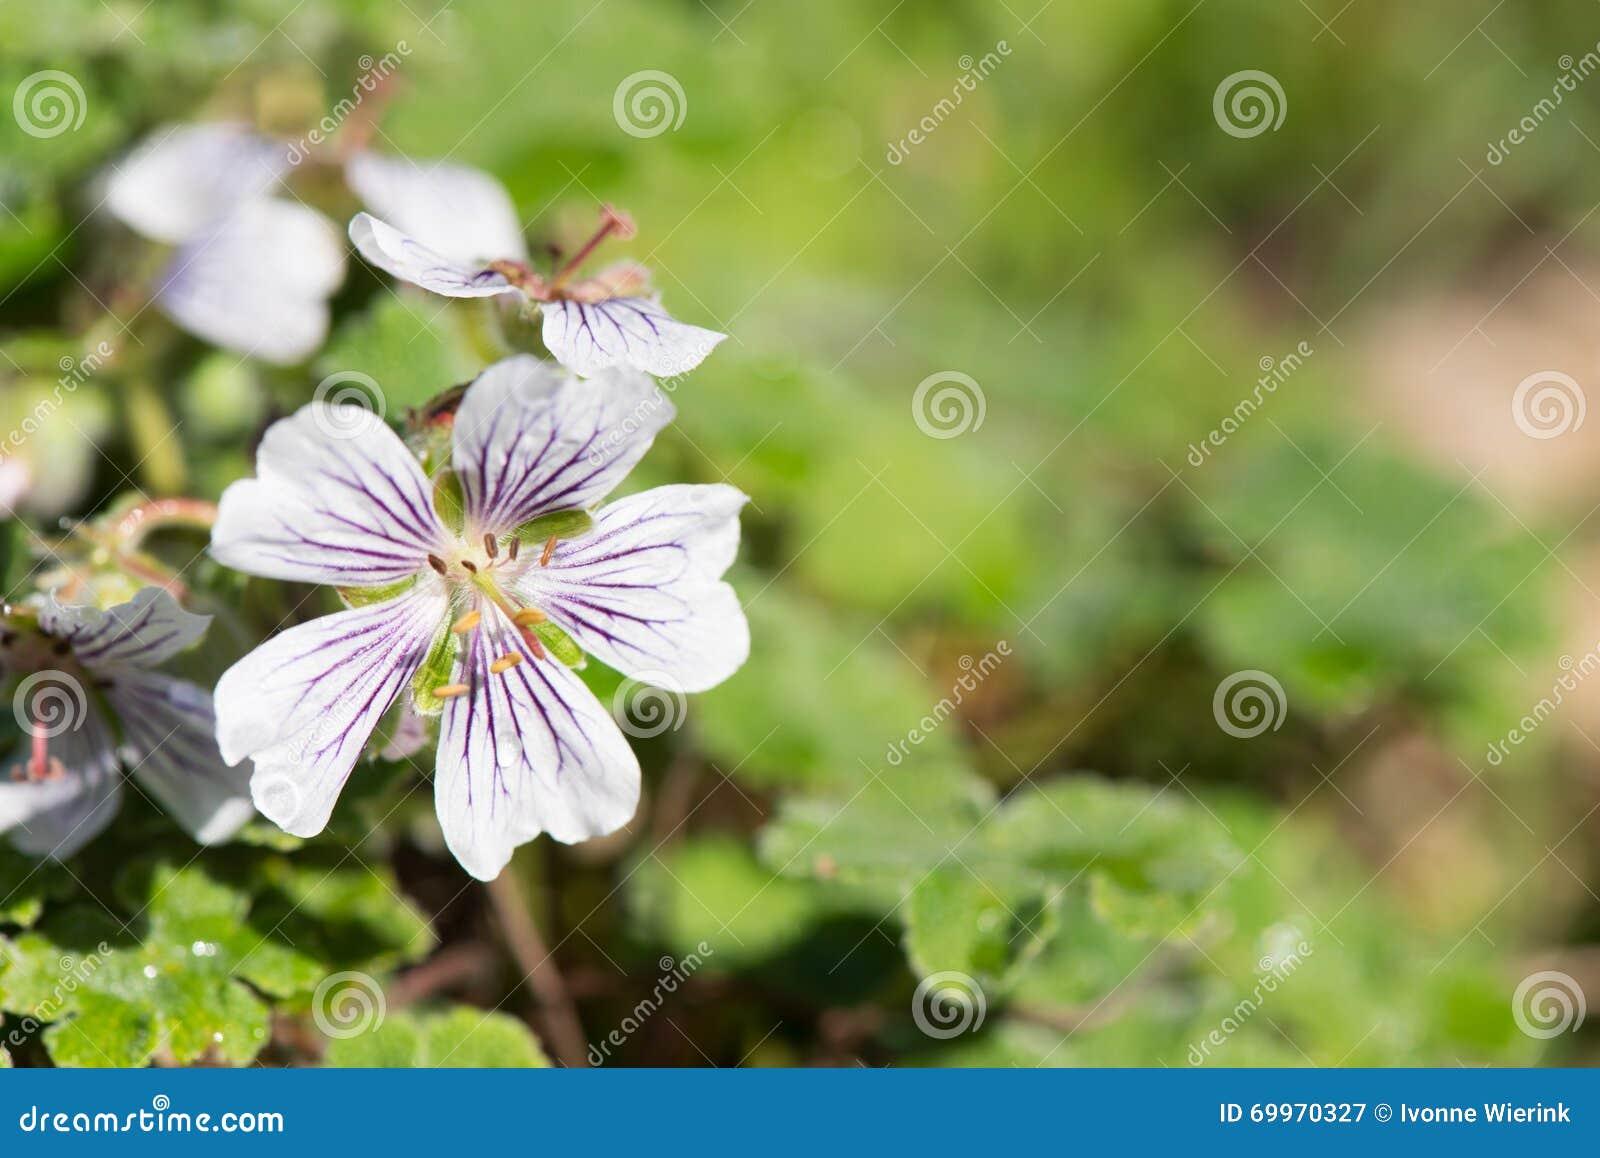 Geranium renardii white and blue